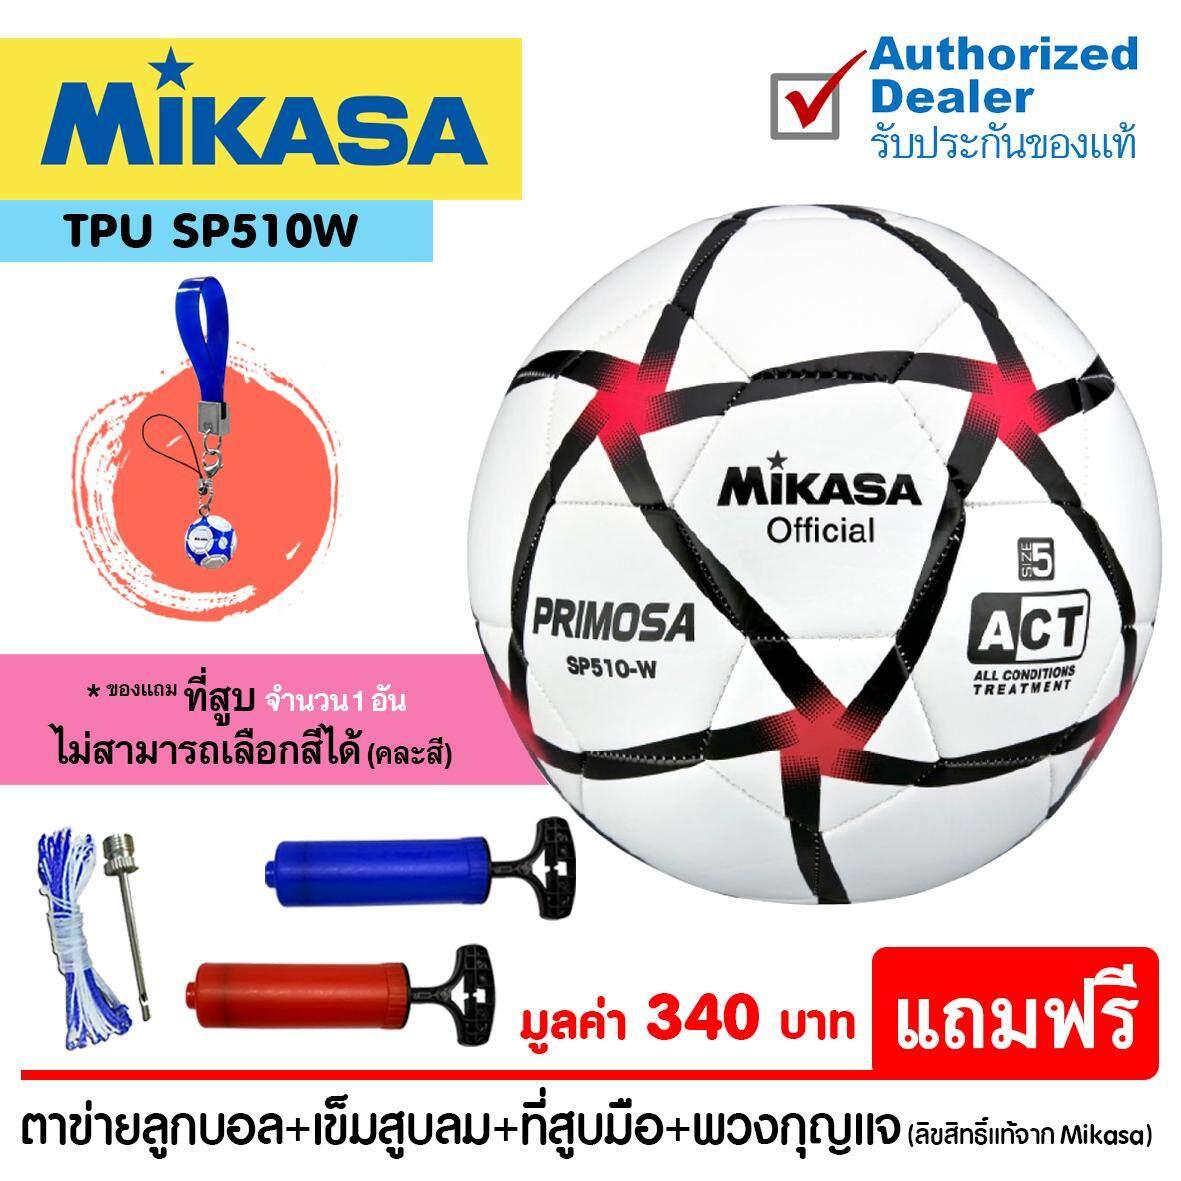 การใช้งาน  MIKASA ฟุตบอล Football MKS TPU รุ่น SP510W แถมฟรี ตาข่ายใส่ลูกฟุตบอล + เข็มสูบสูบลม + สูบมือ SPL รุ่น SL6 สีชมพู + พวงกุญแจ